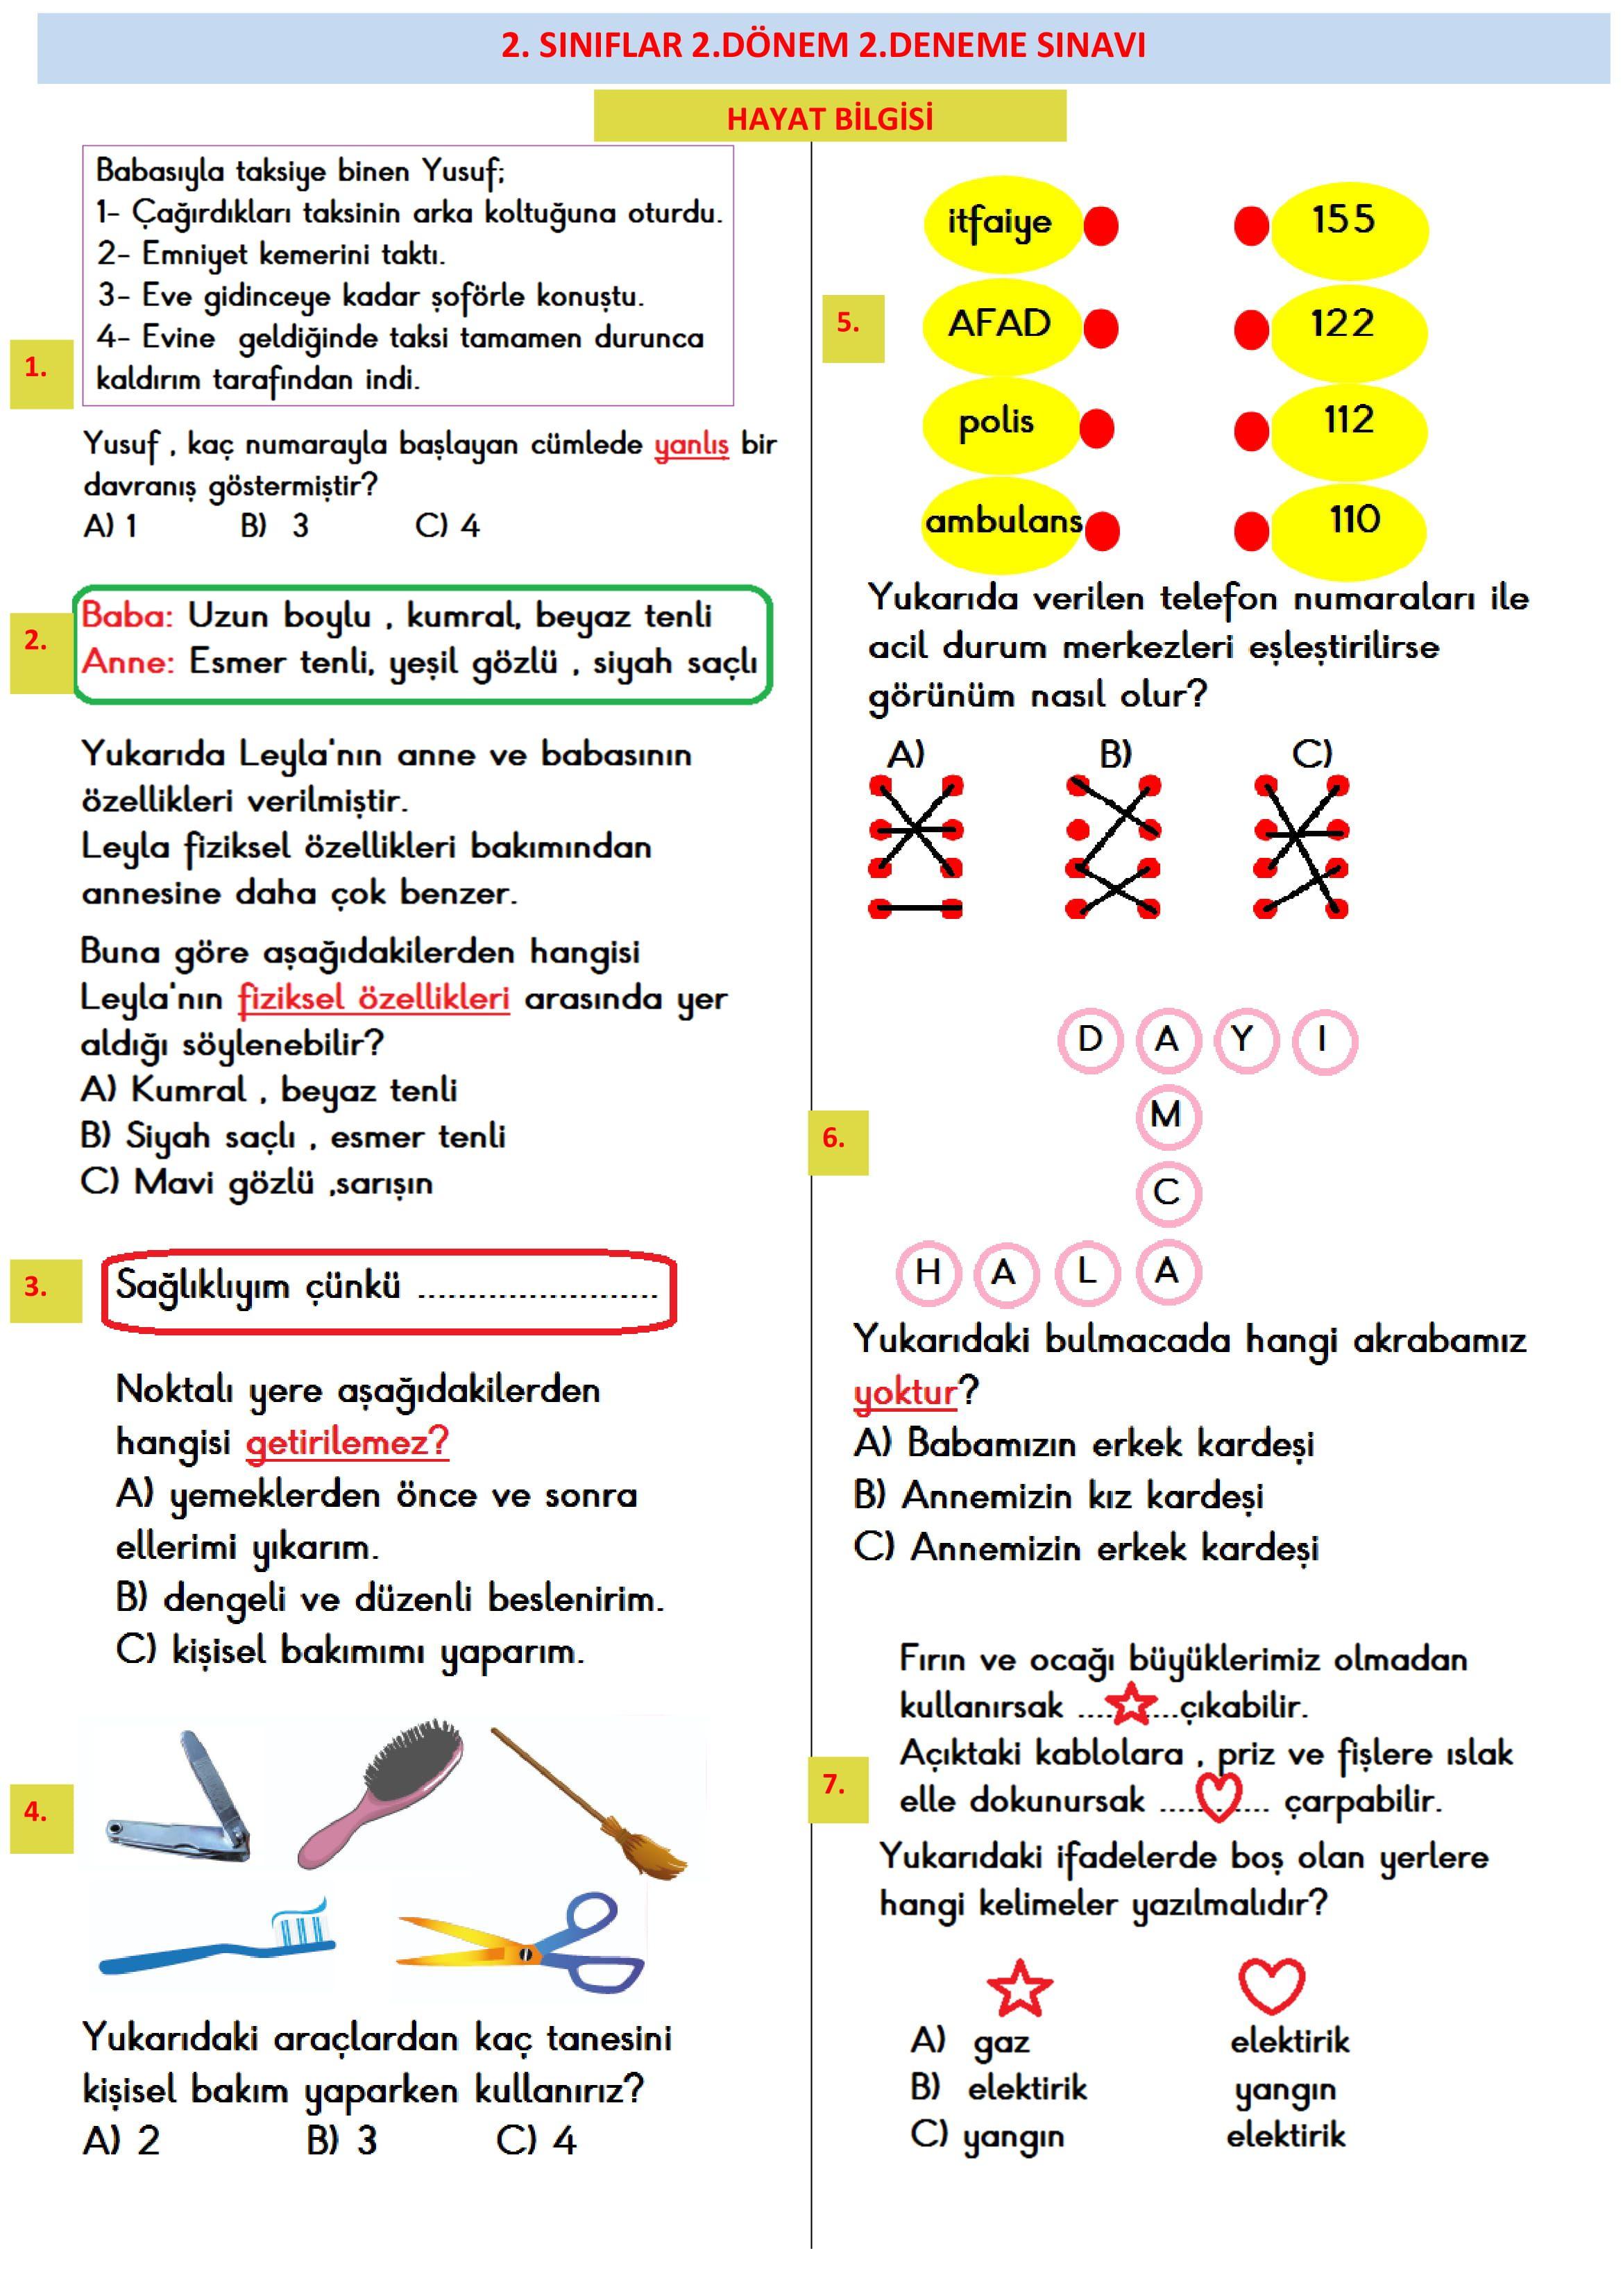 2 Sinif 2 Donem Deneme Sinavi Sinif Hayat Bilgisi Matematik Defterleri